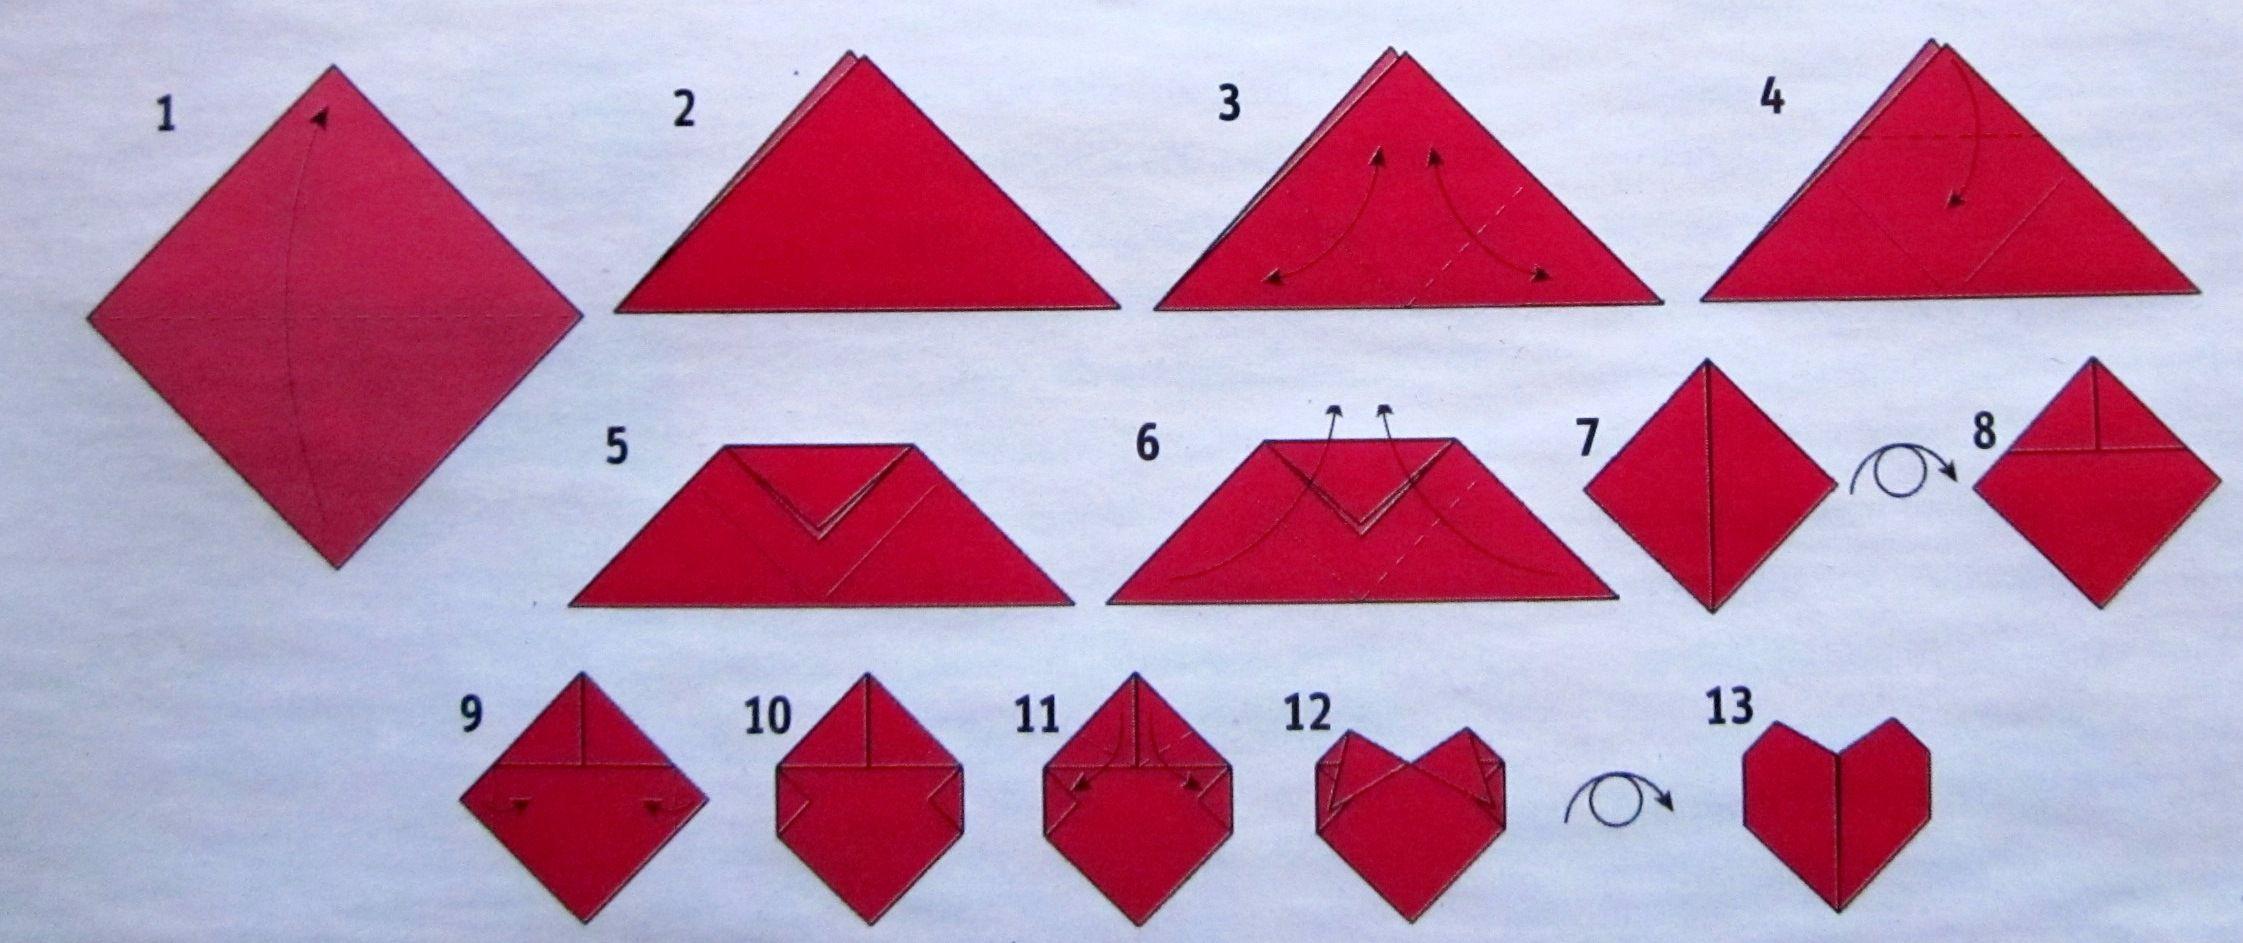 Origami: Faltanleitung für ein Herz   Faltblatt, Origami und Ein herz